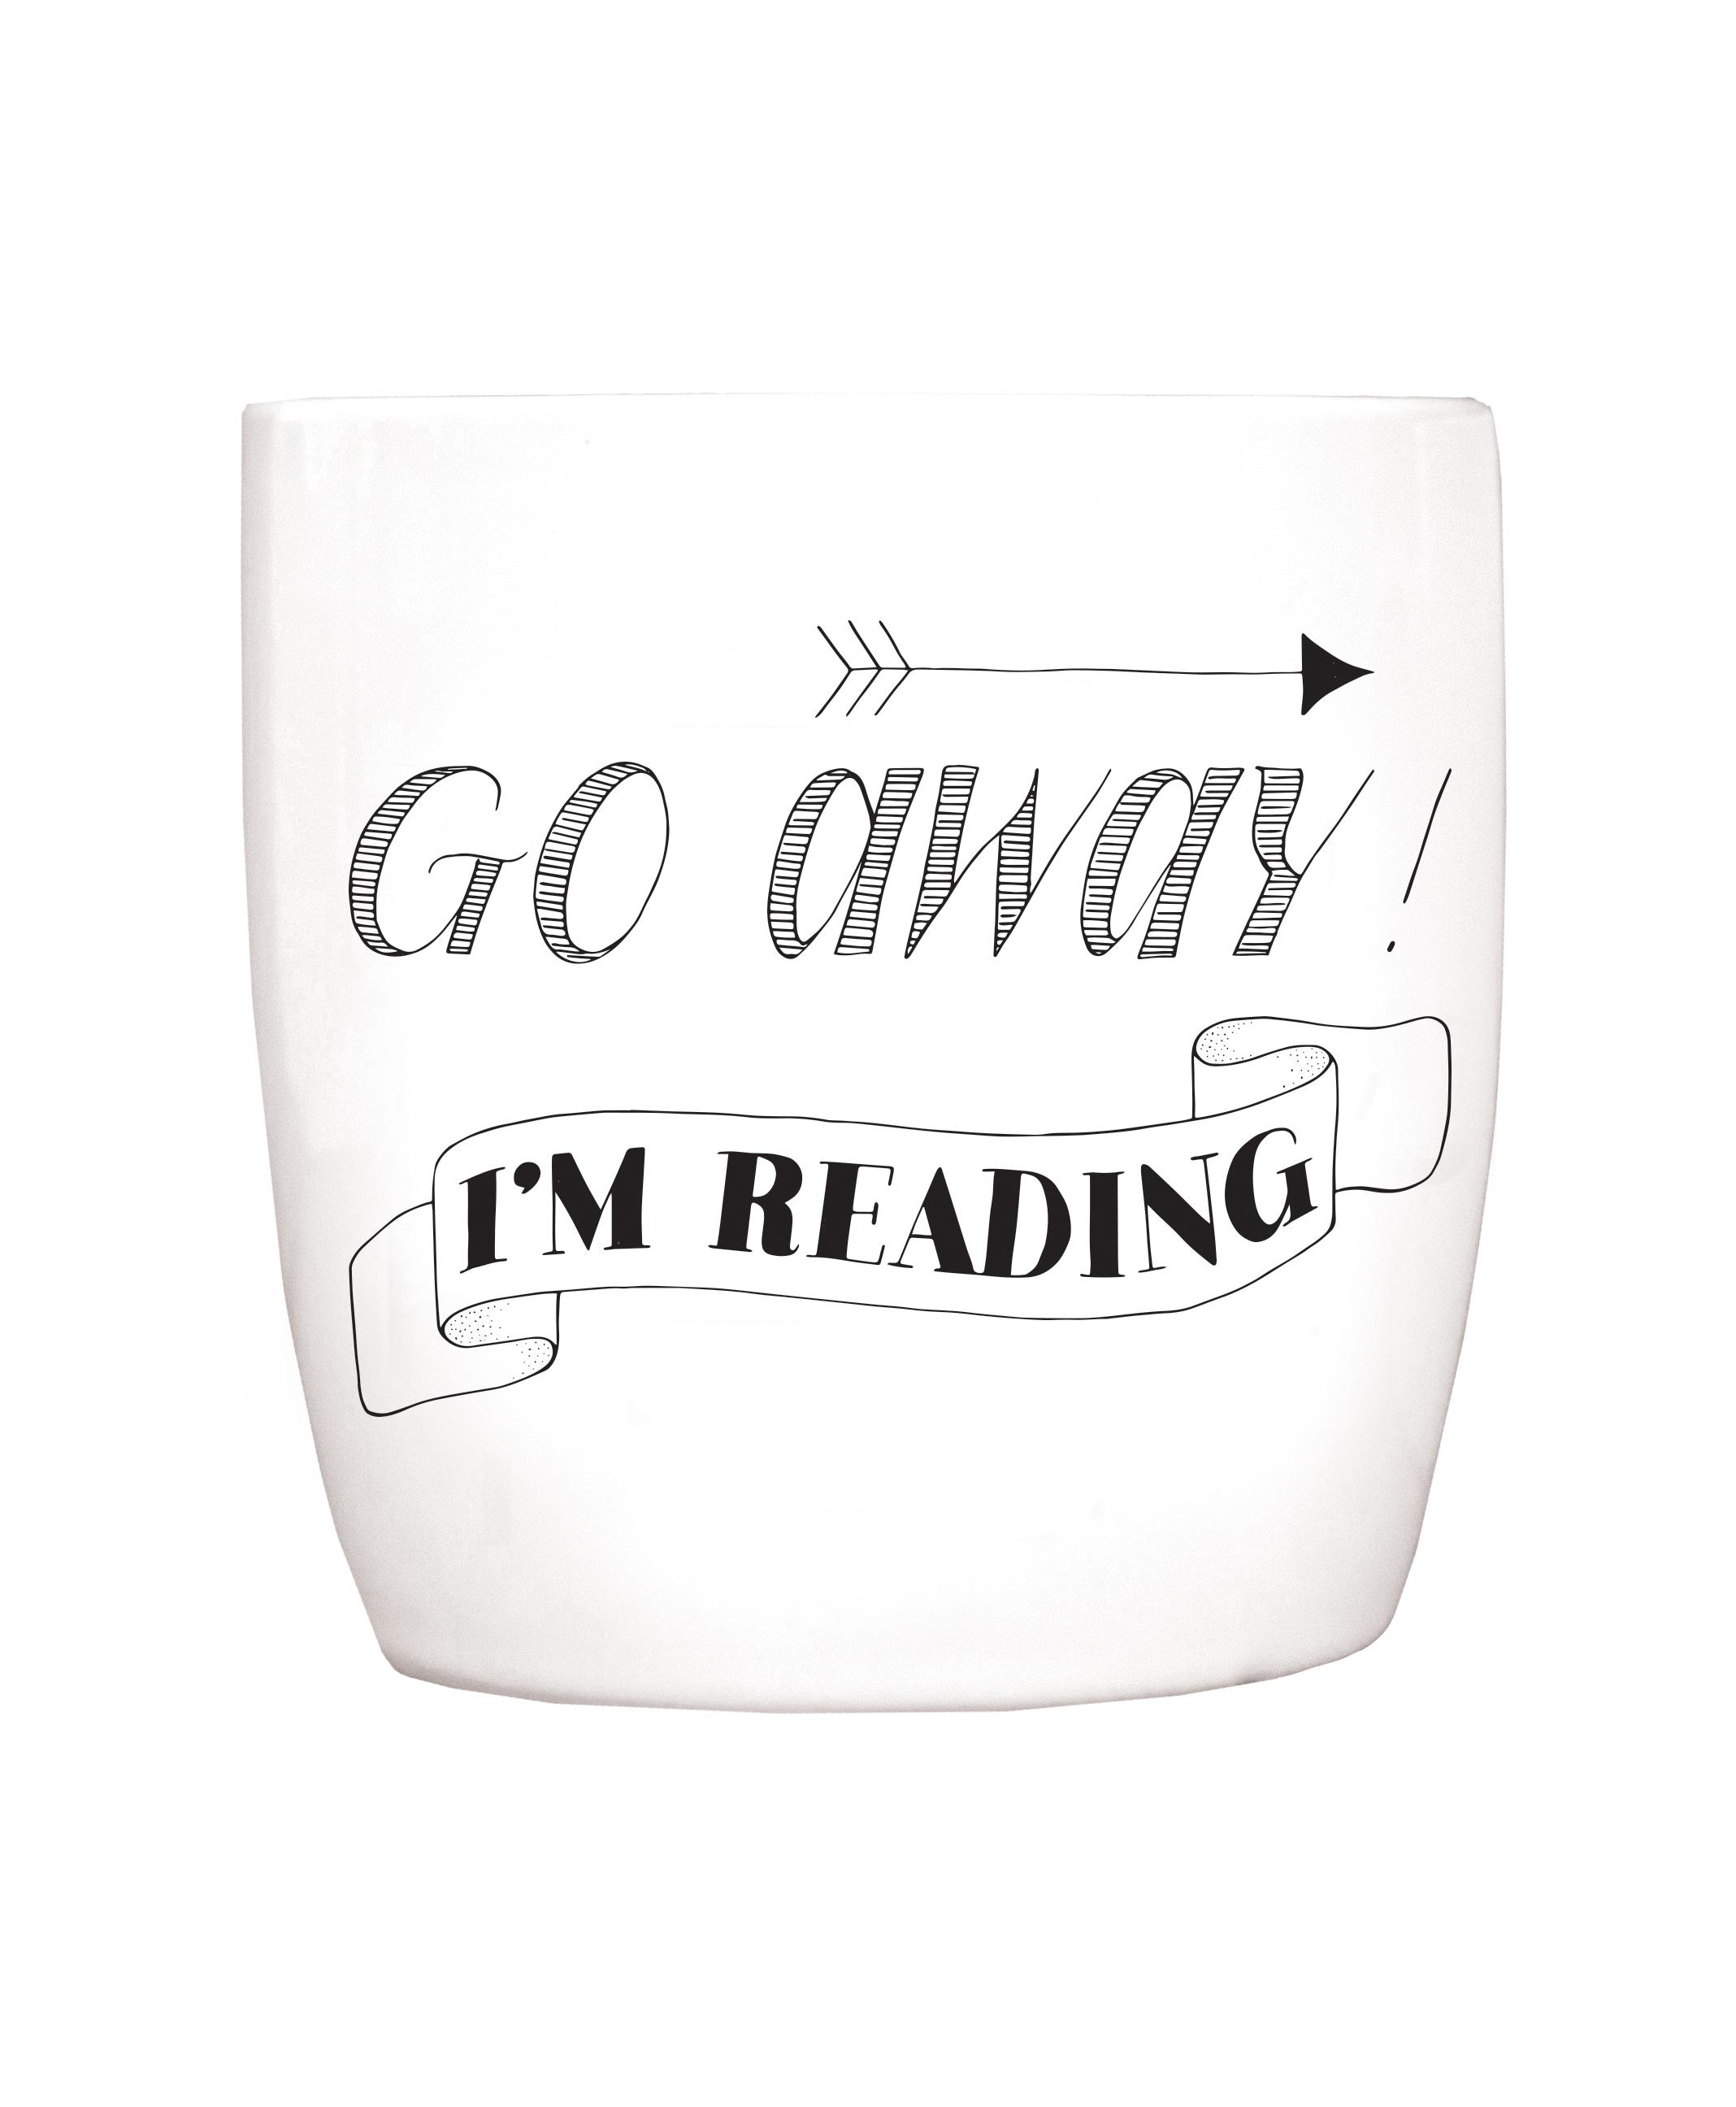 Blossom Mug: Go away, I'm reading